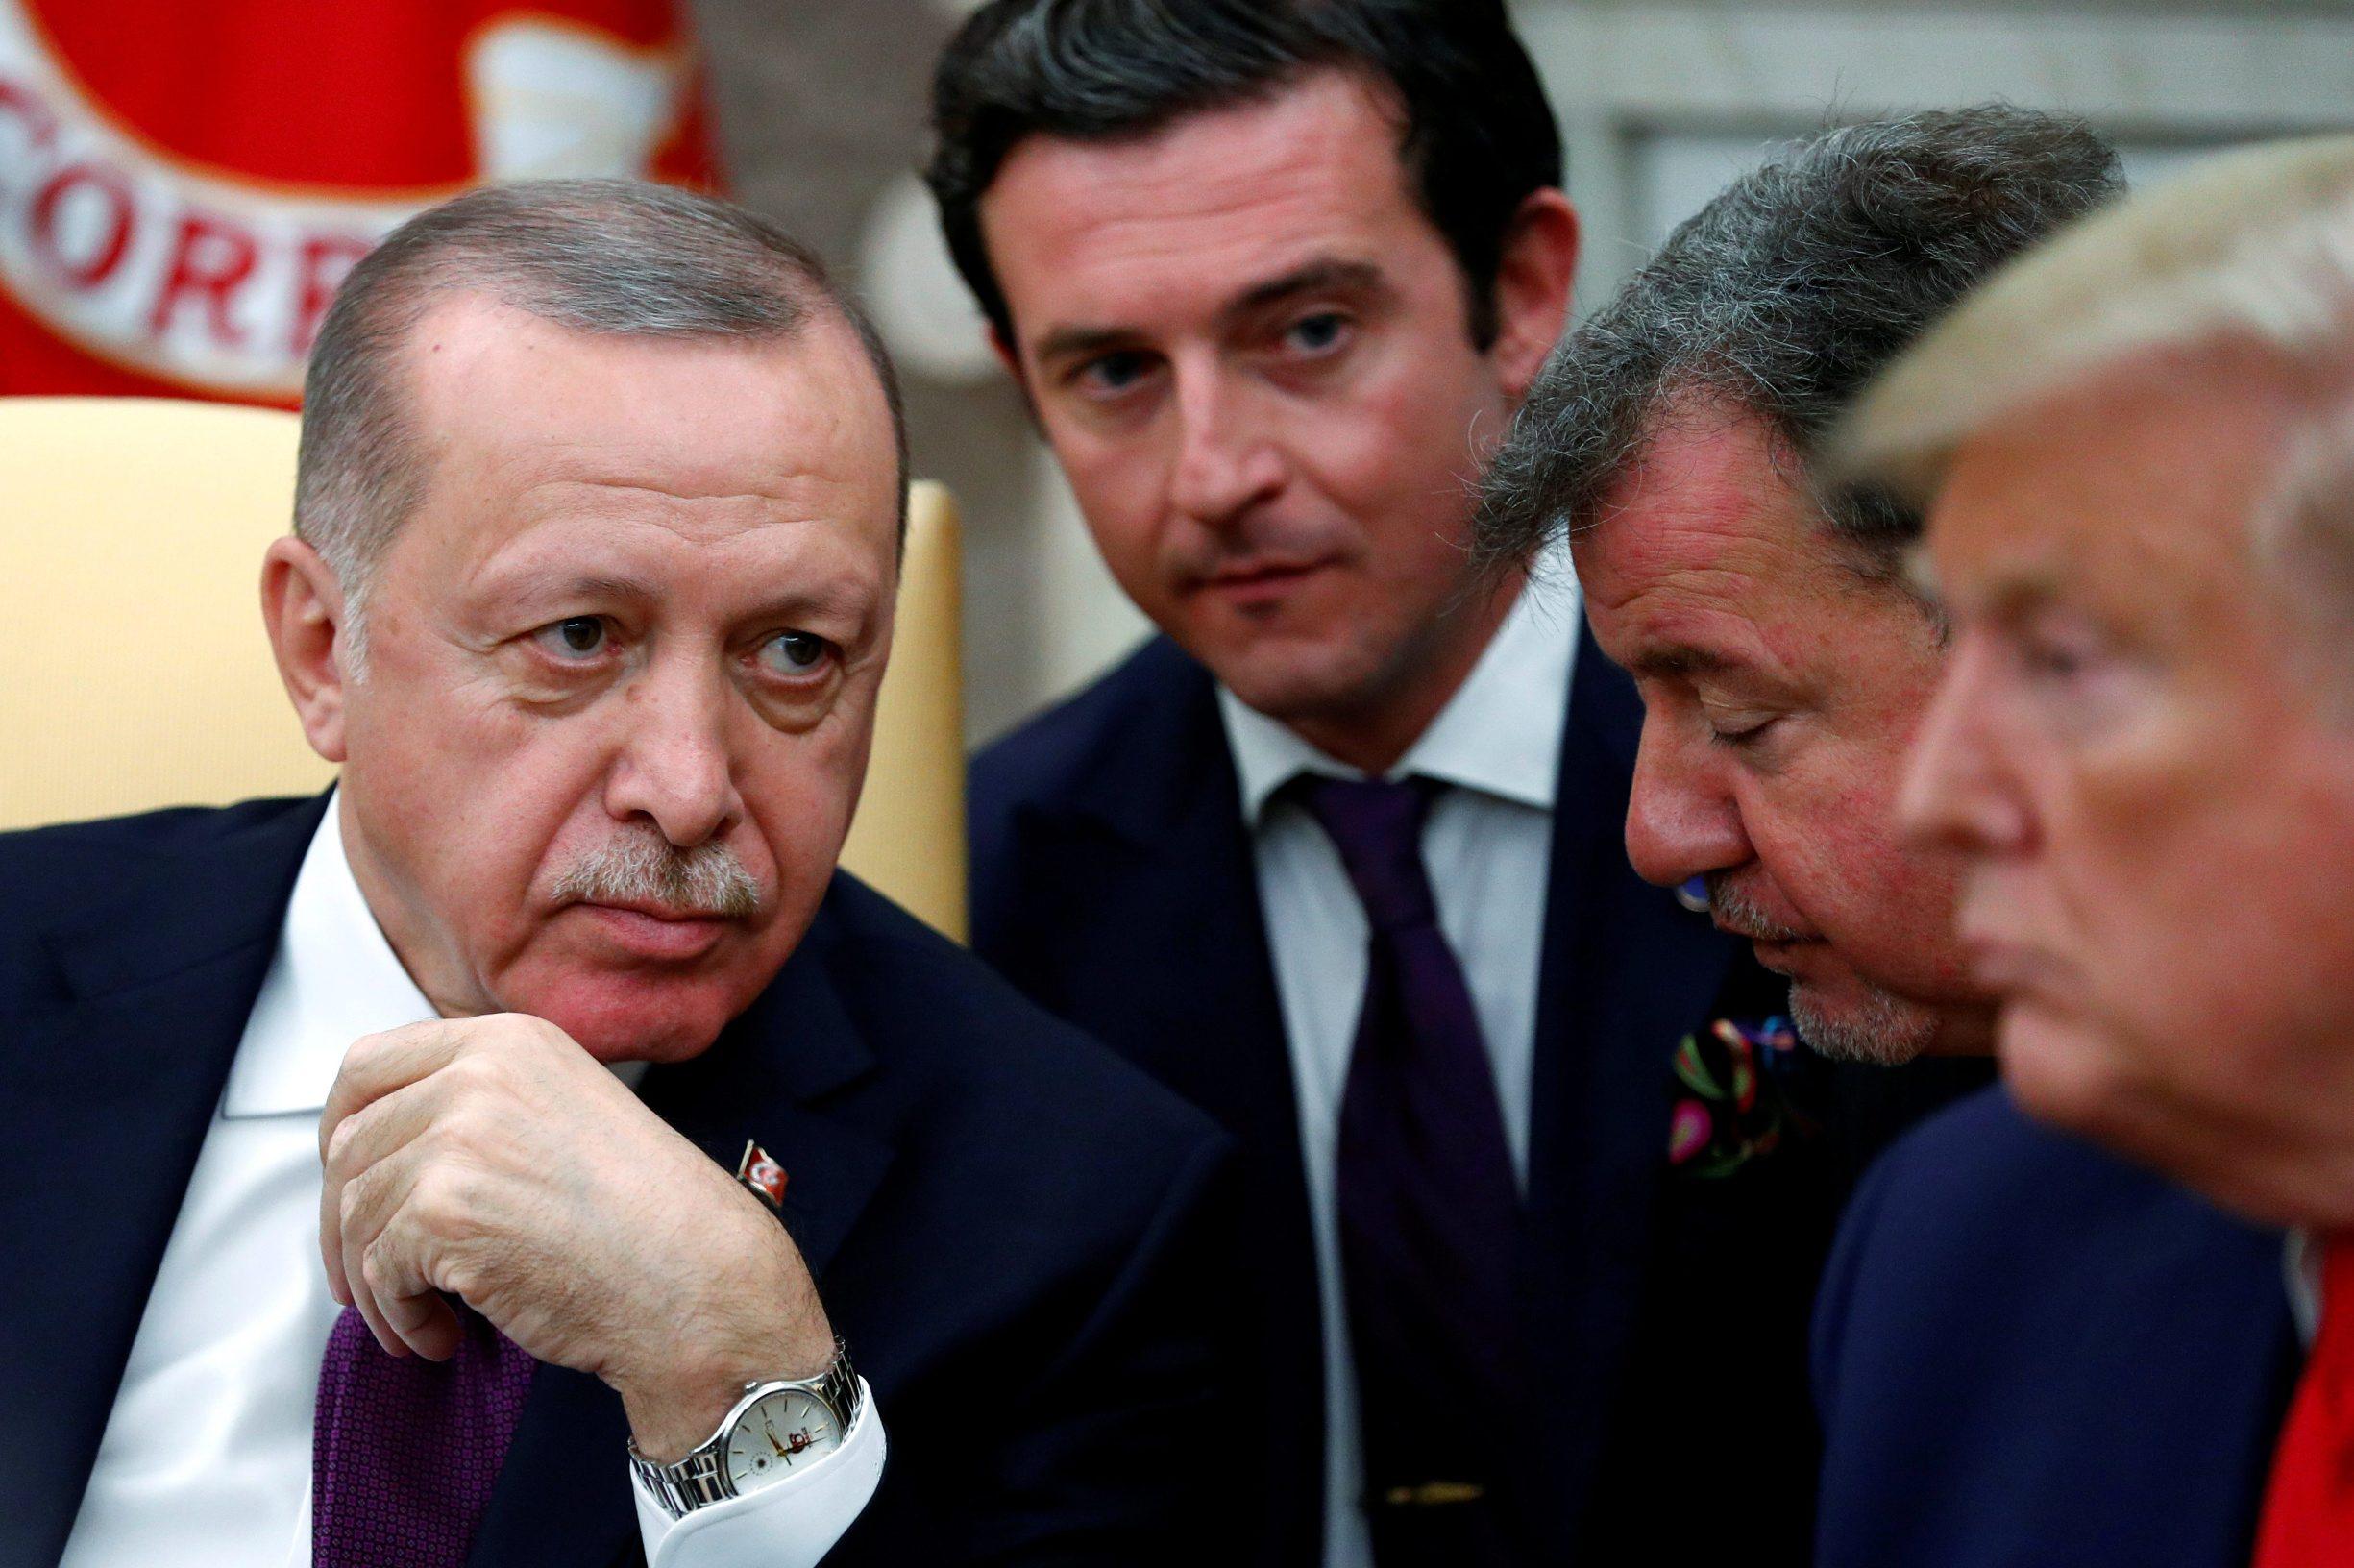 Erdogan prvo traži podršku svih NATO članica u borbi protiv 'svih' terorista na području sjeverne Sirije; na slici: turski predsjednik Recep Tayyip Erdogan (lijevo) u Ovalnom uredu Donalda Trumpa